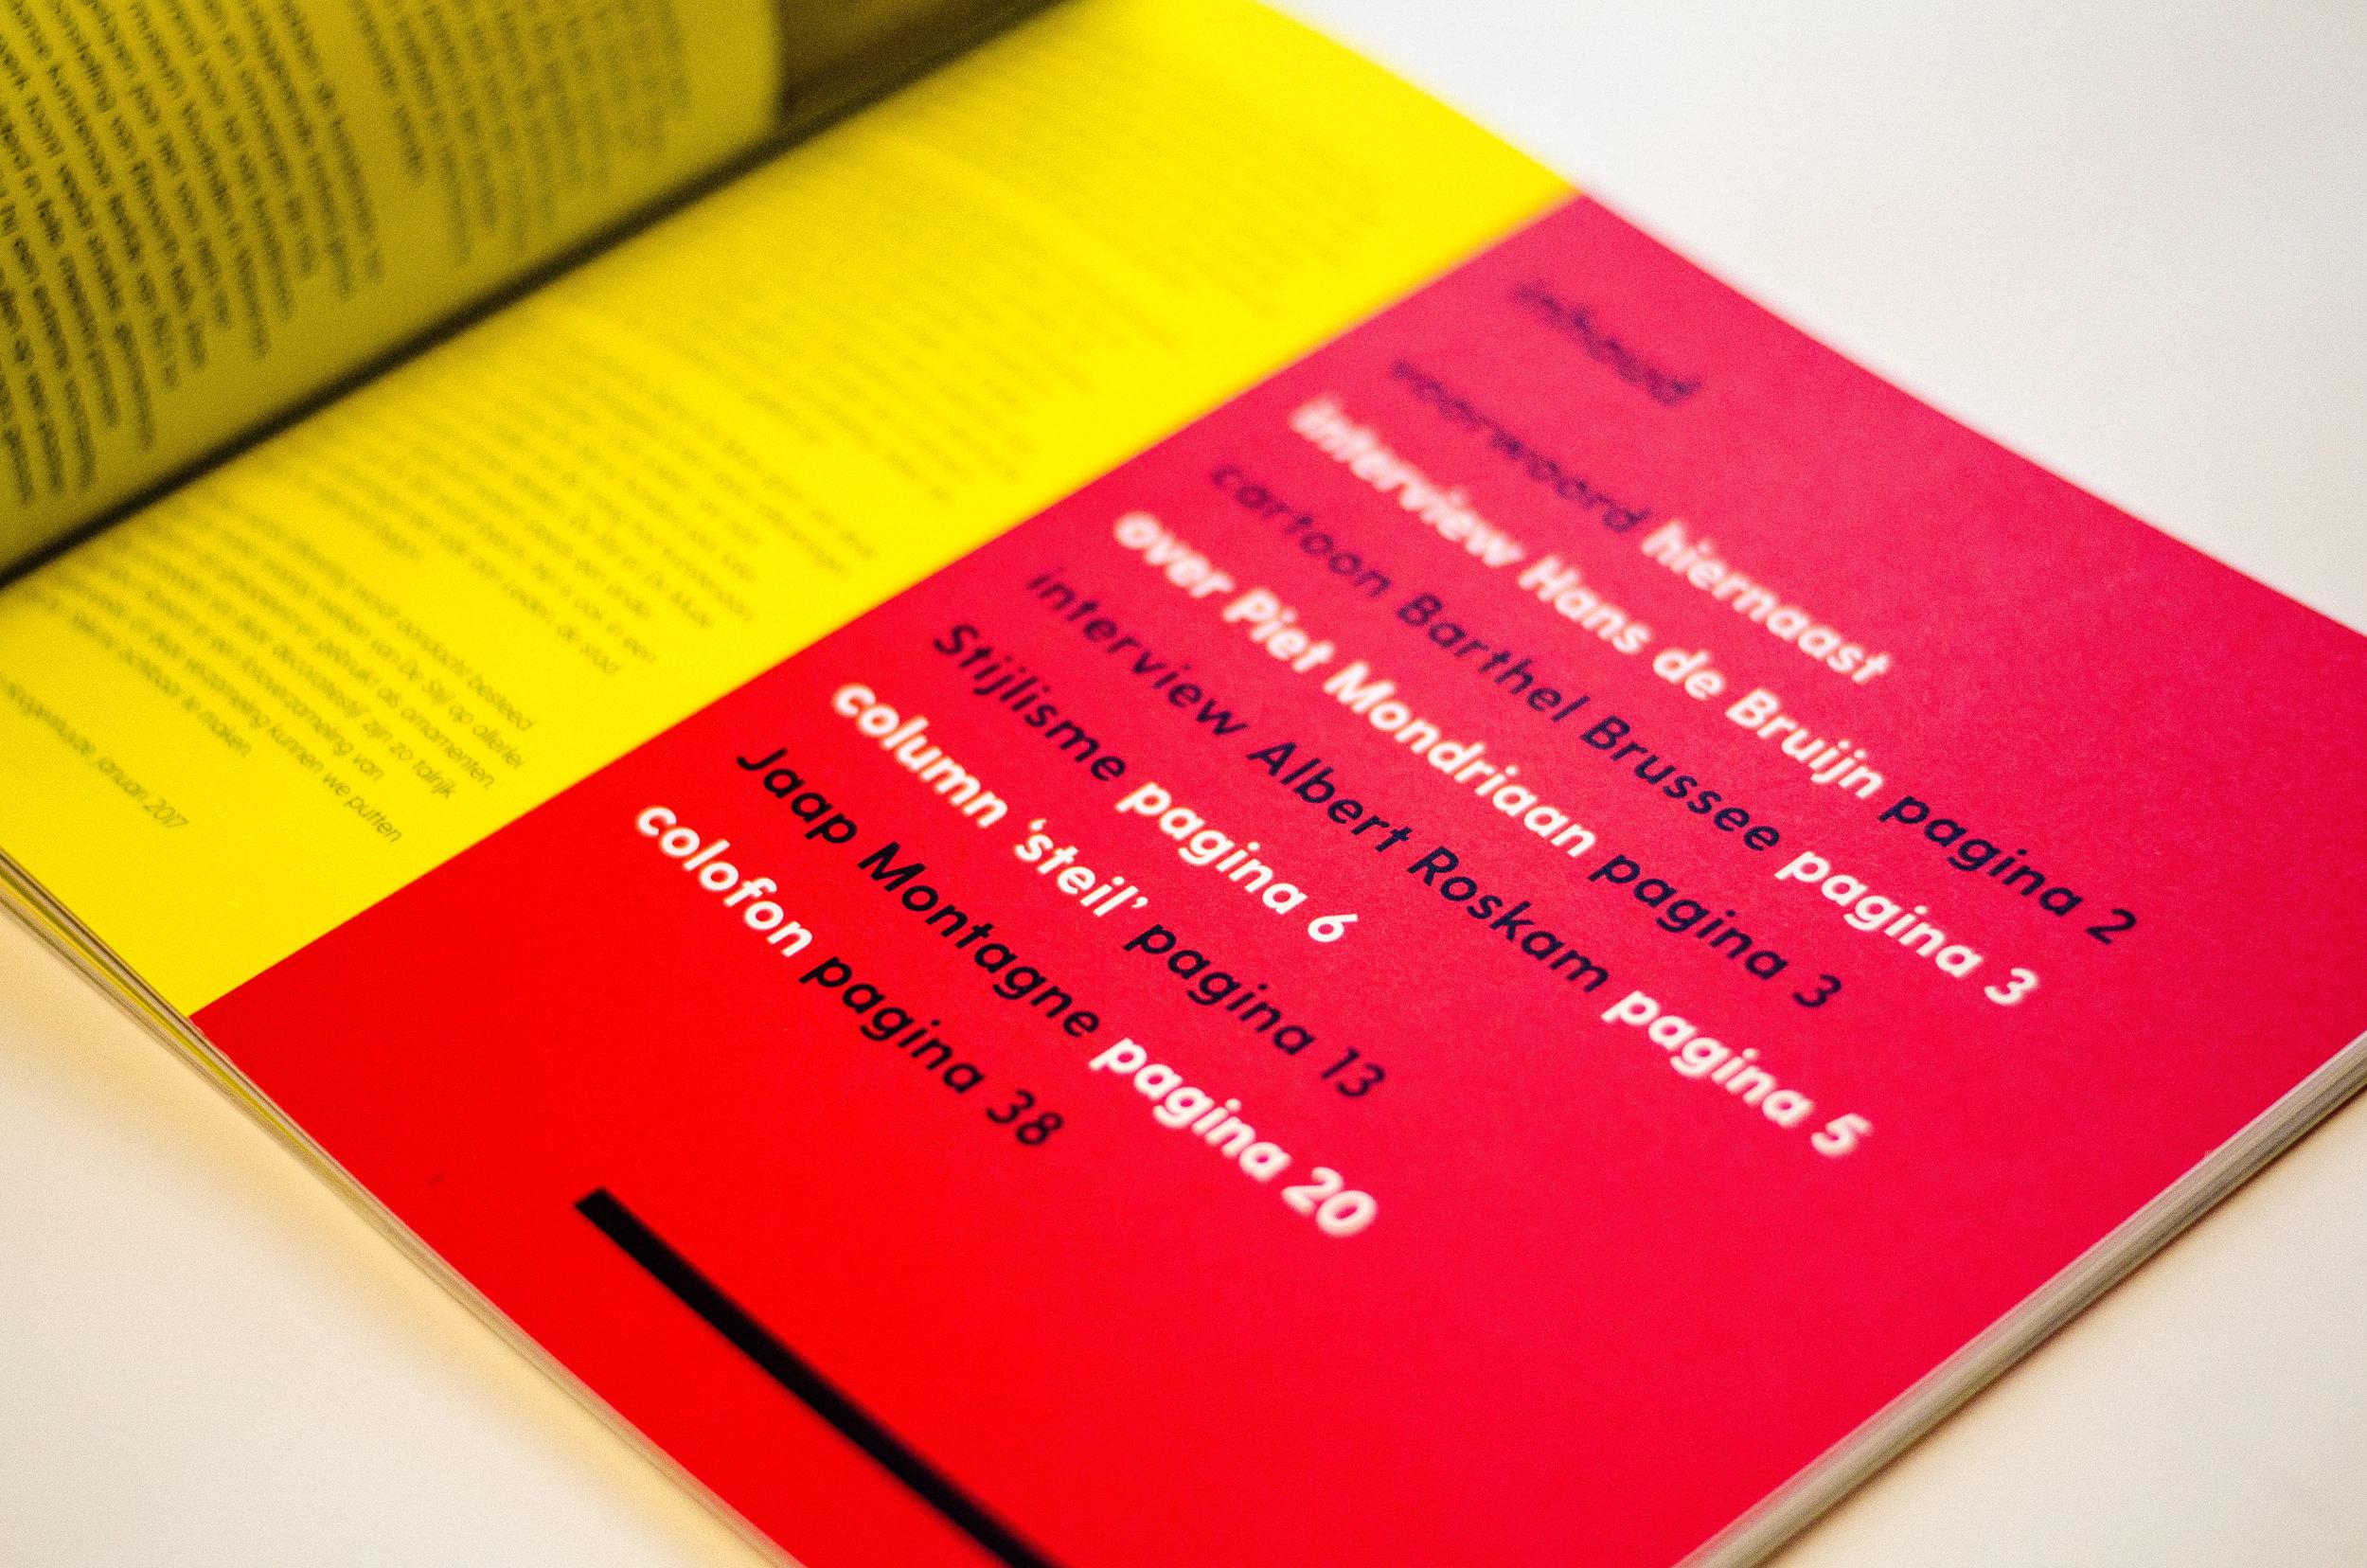 tijdschrift100 jaarDe Stijl - #tijdschriftontwerp